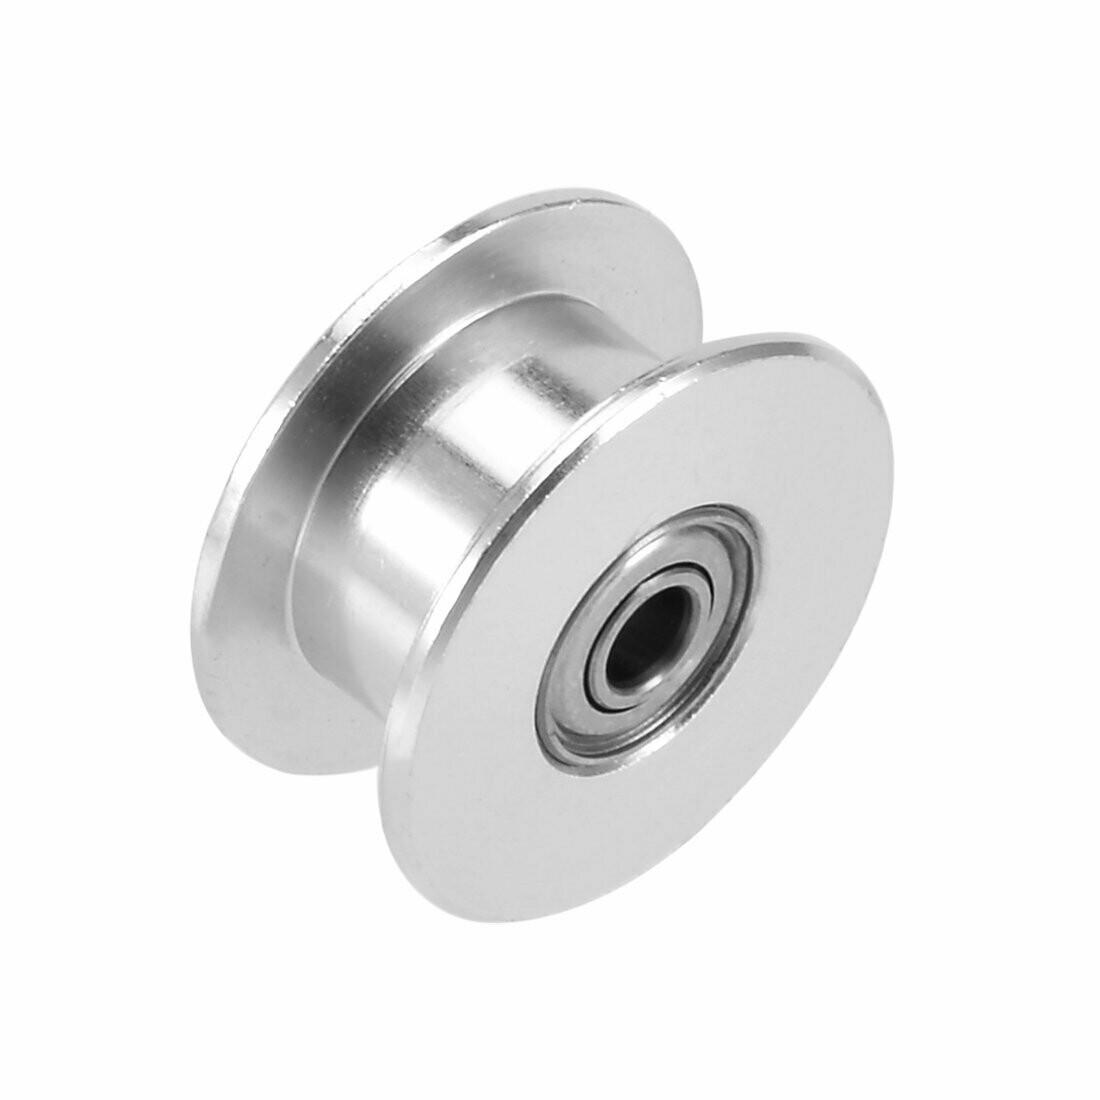 Алюминиевый холостой ролик, d-5 мм,2GT ремнь 6 мм